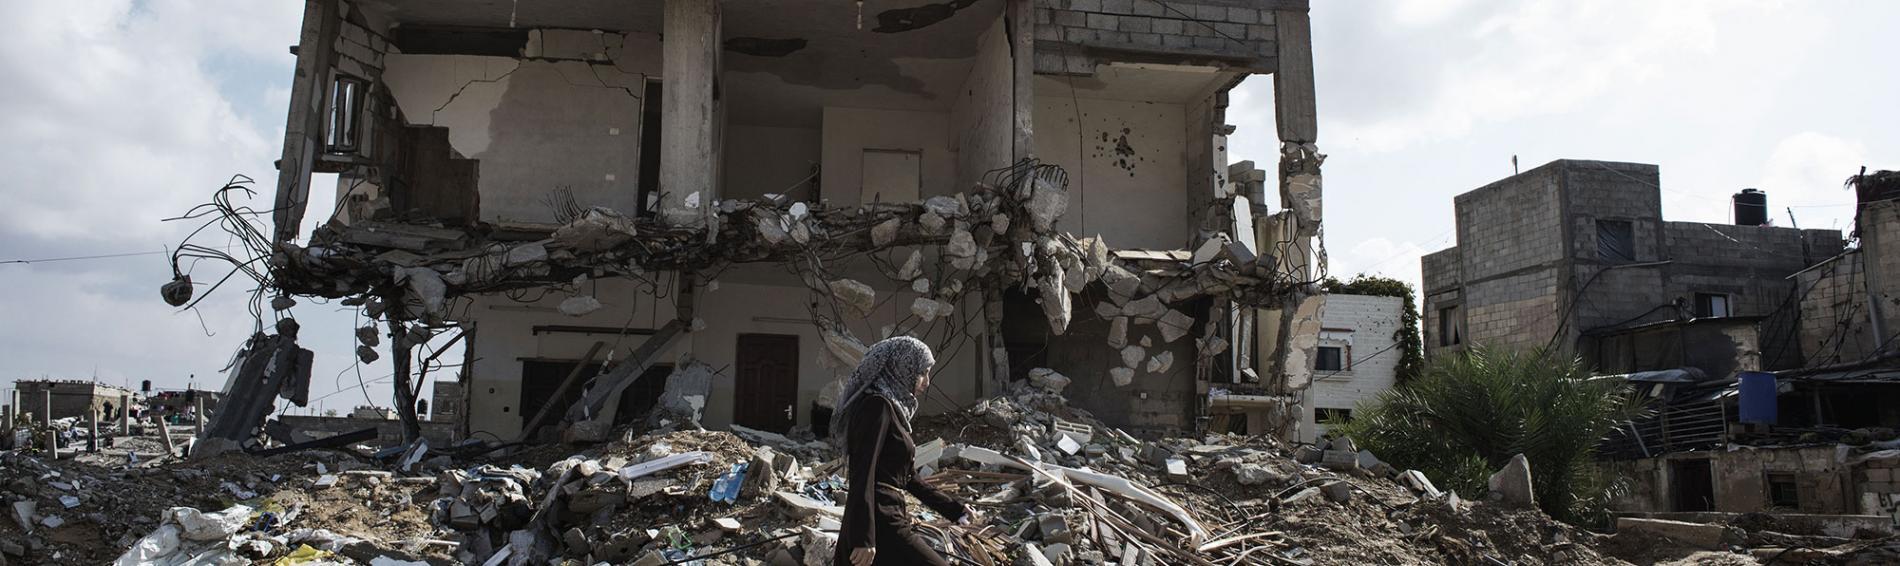 Ein zerstörtes Haus in Gaza. Foto: Alessio Romenzi